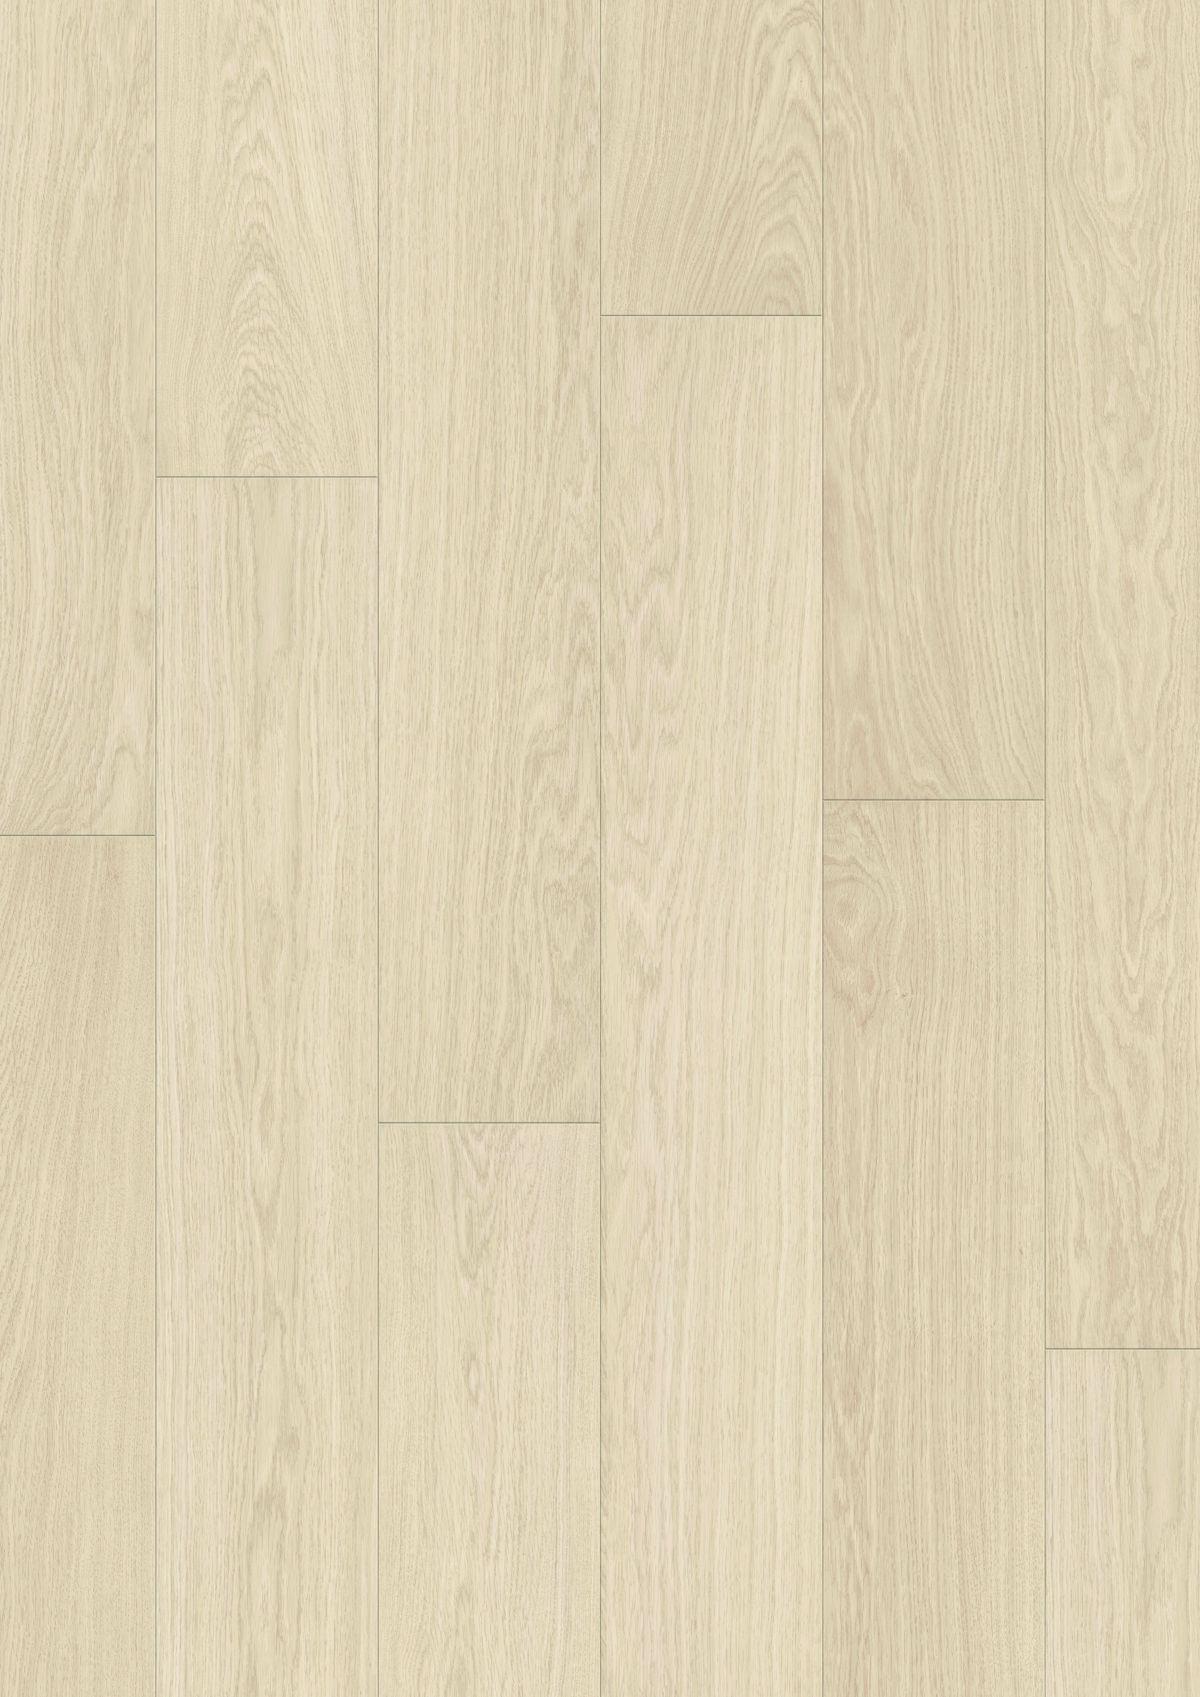 Pergo sensation modern danish oak laminate flooring for Pergo laminate flooring reviews